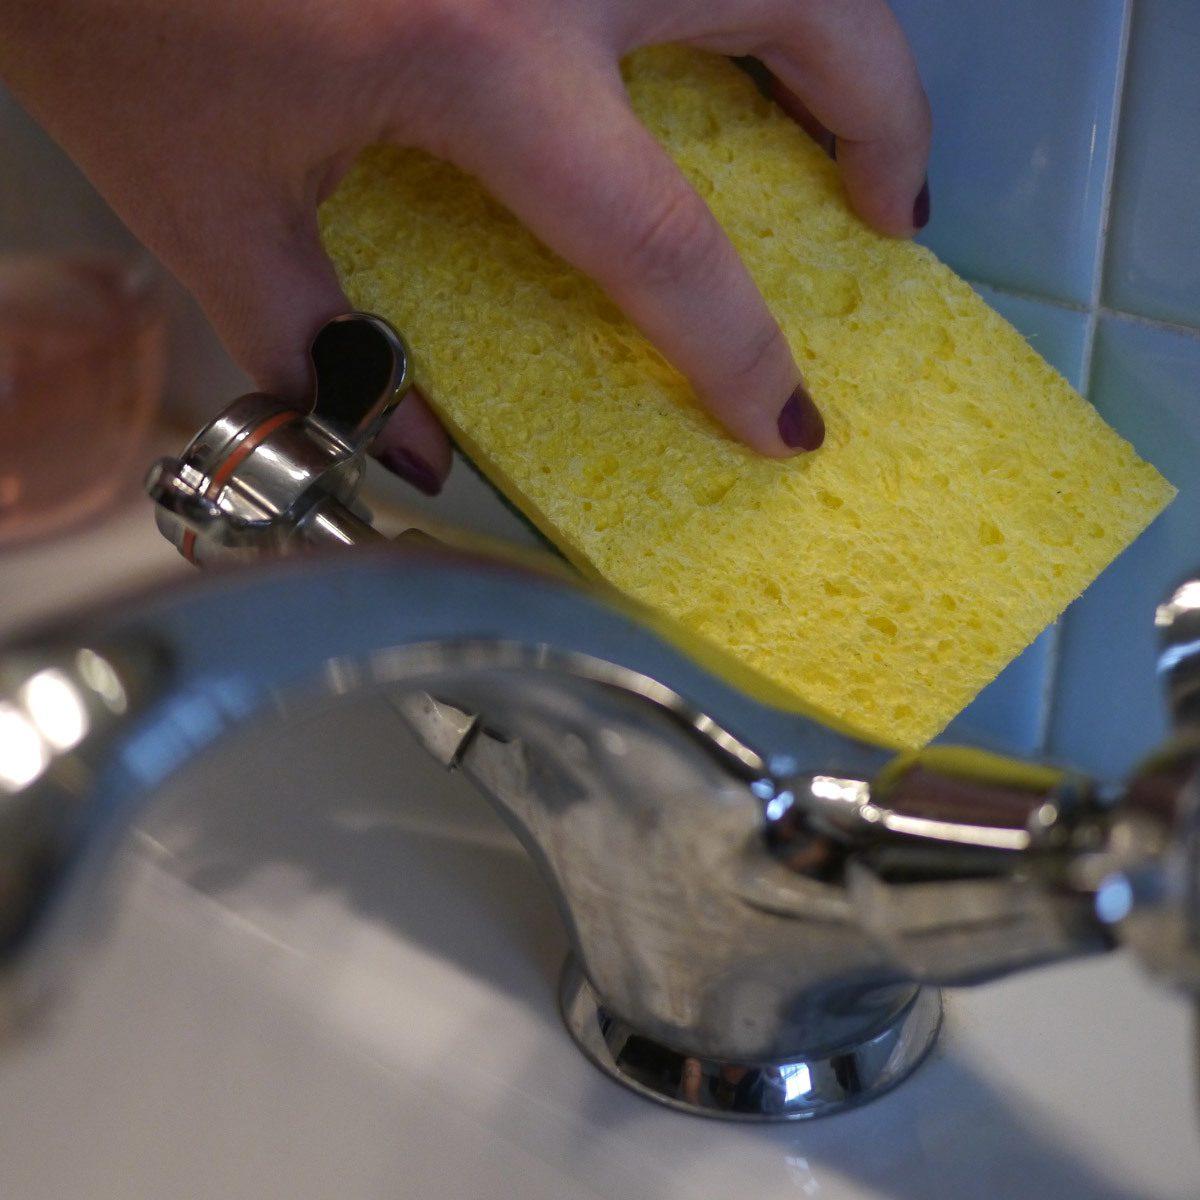 Get rid of soap scum